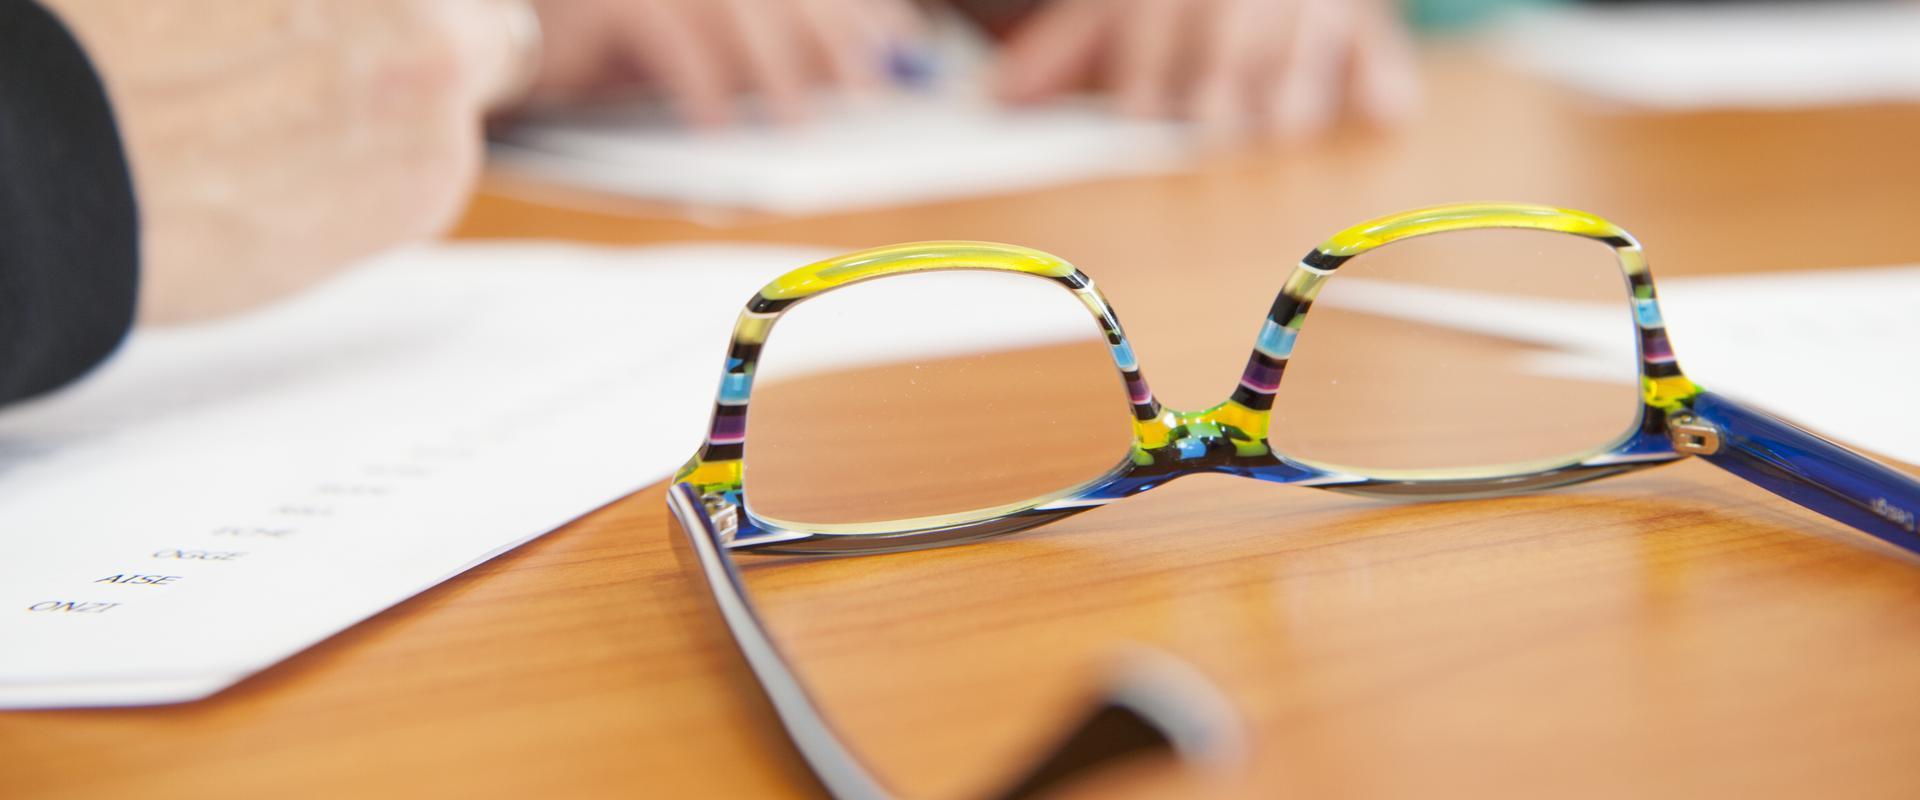 Eine Brille liegt auf einem Tisch in der MEDIAN Klinik am Waldsee